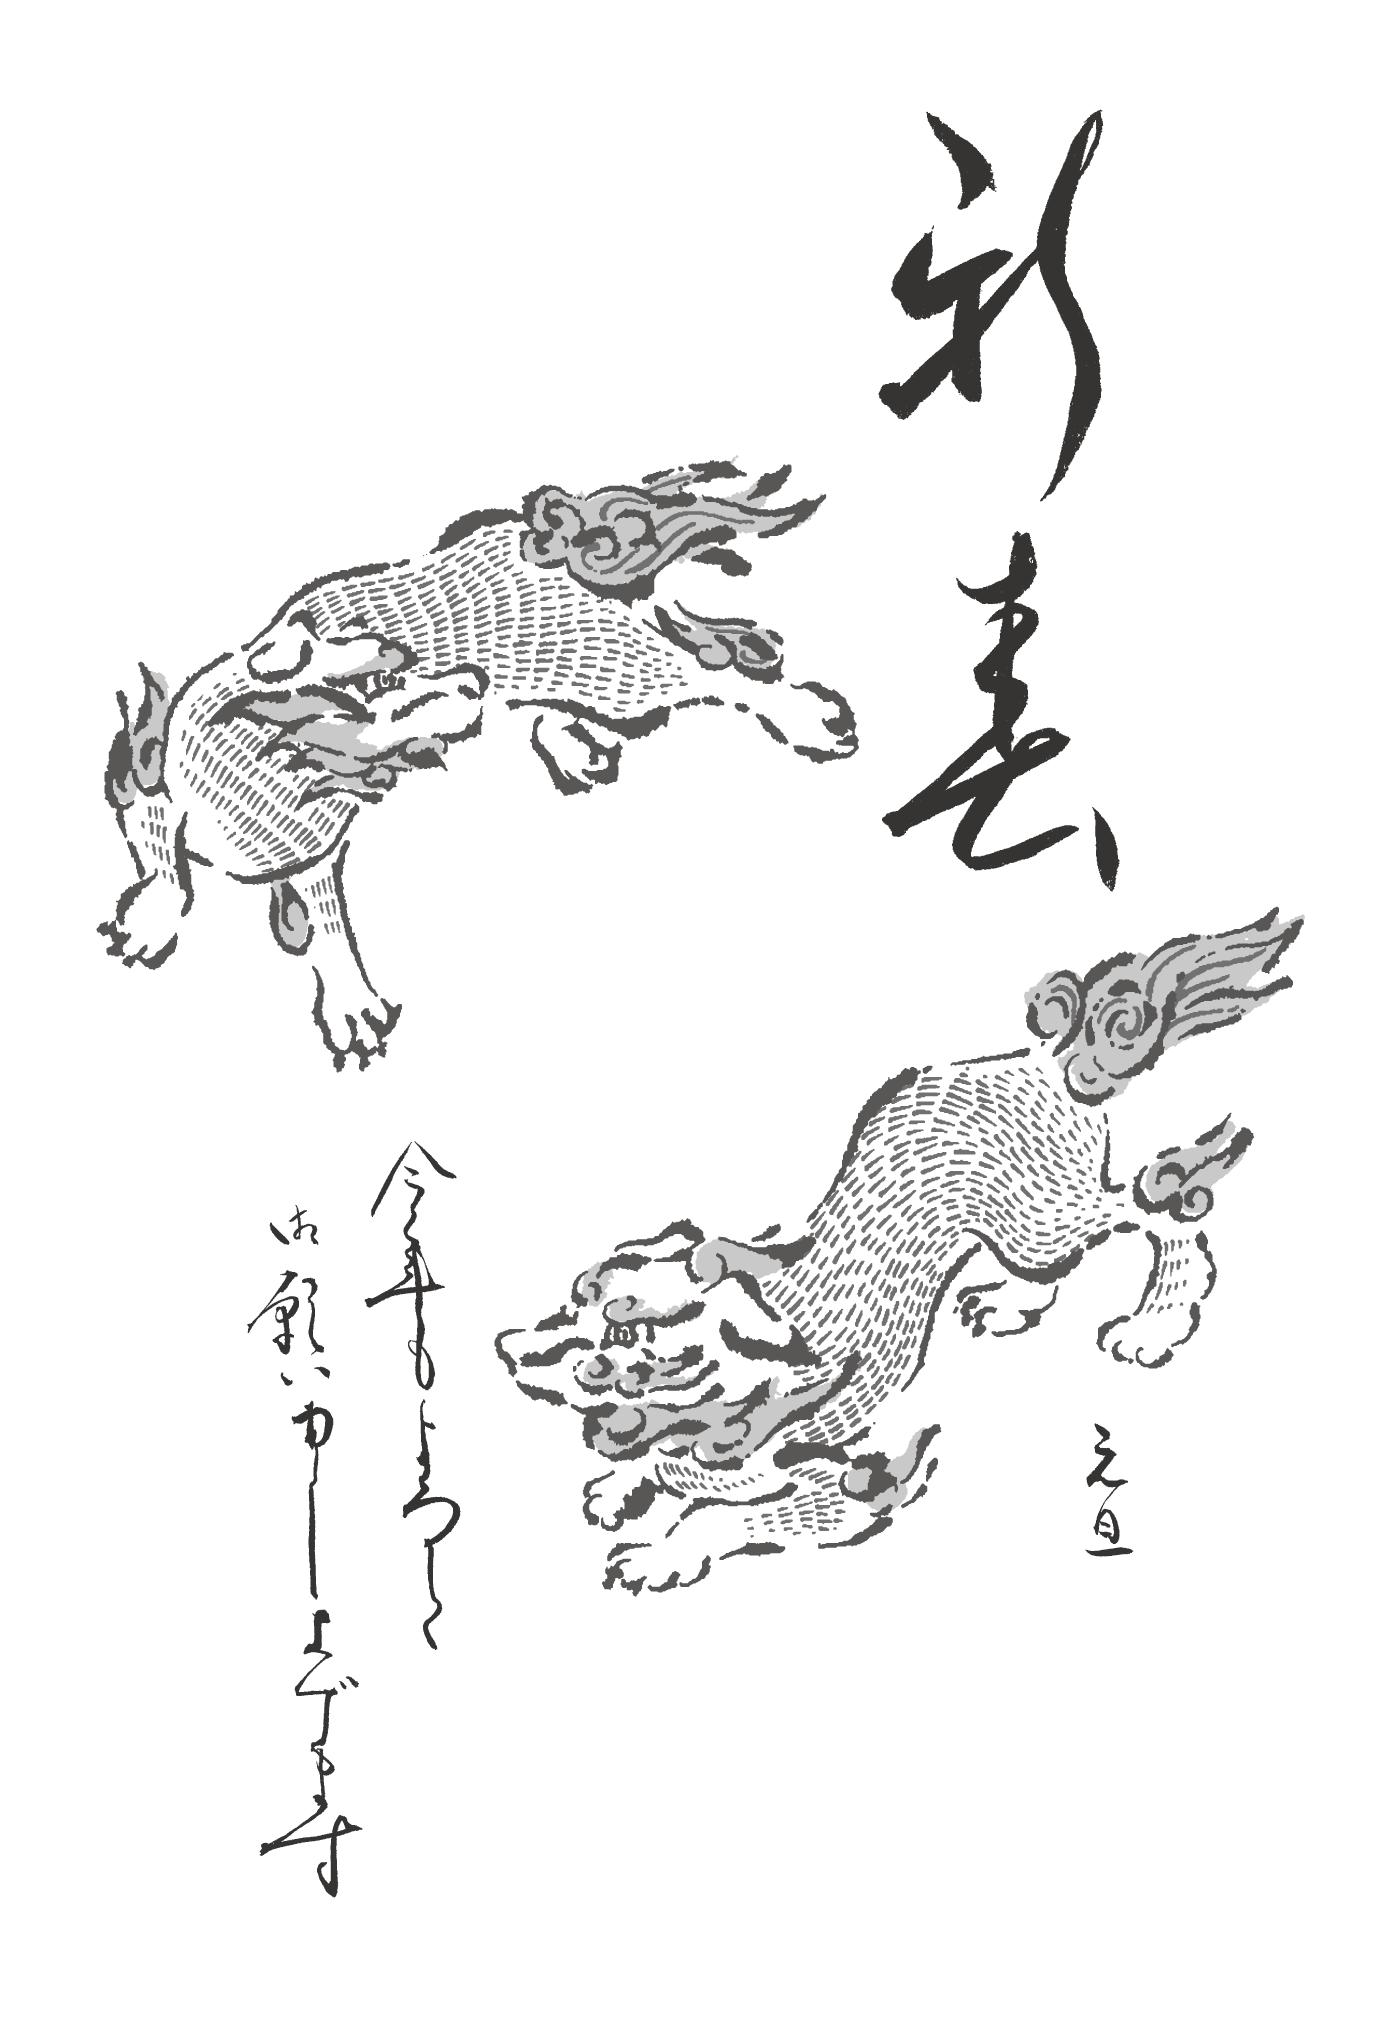 2018年賀状12-3:新春狛犬 / line drawingのダウンロード画像